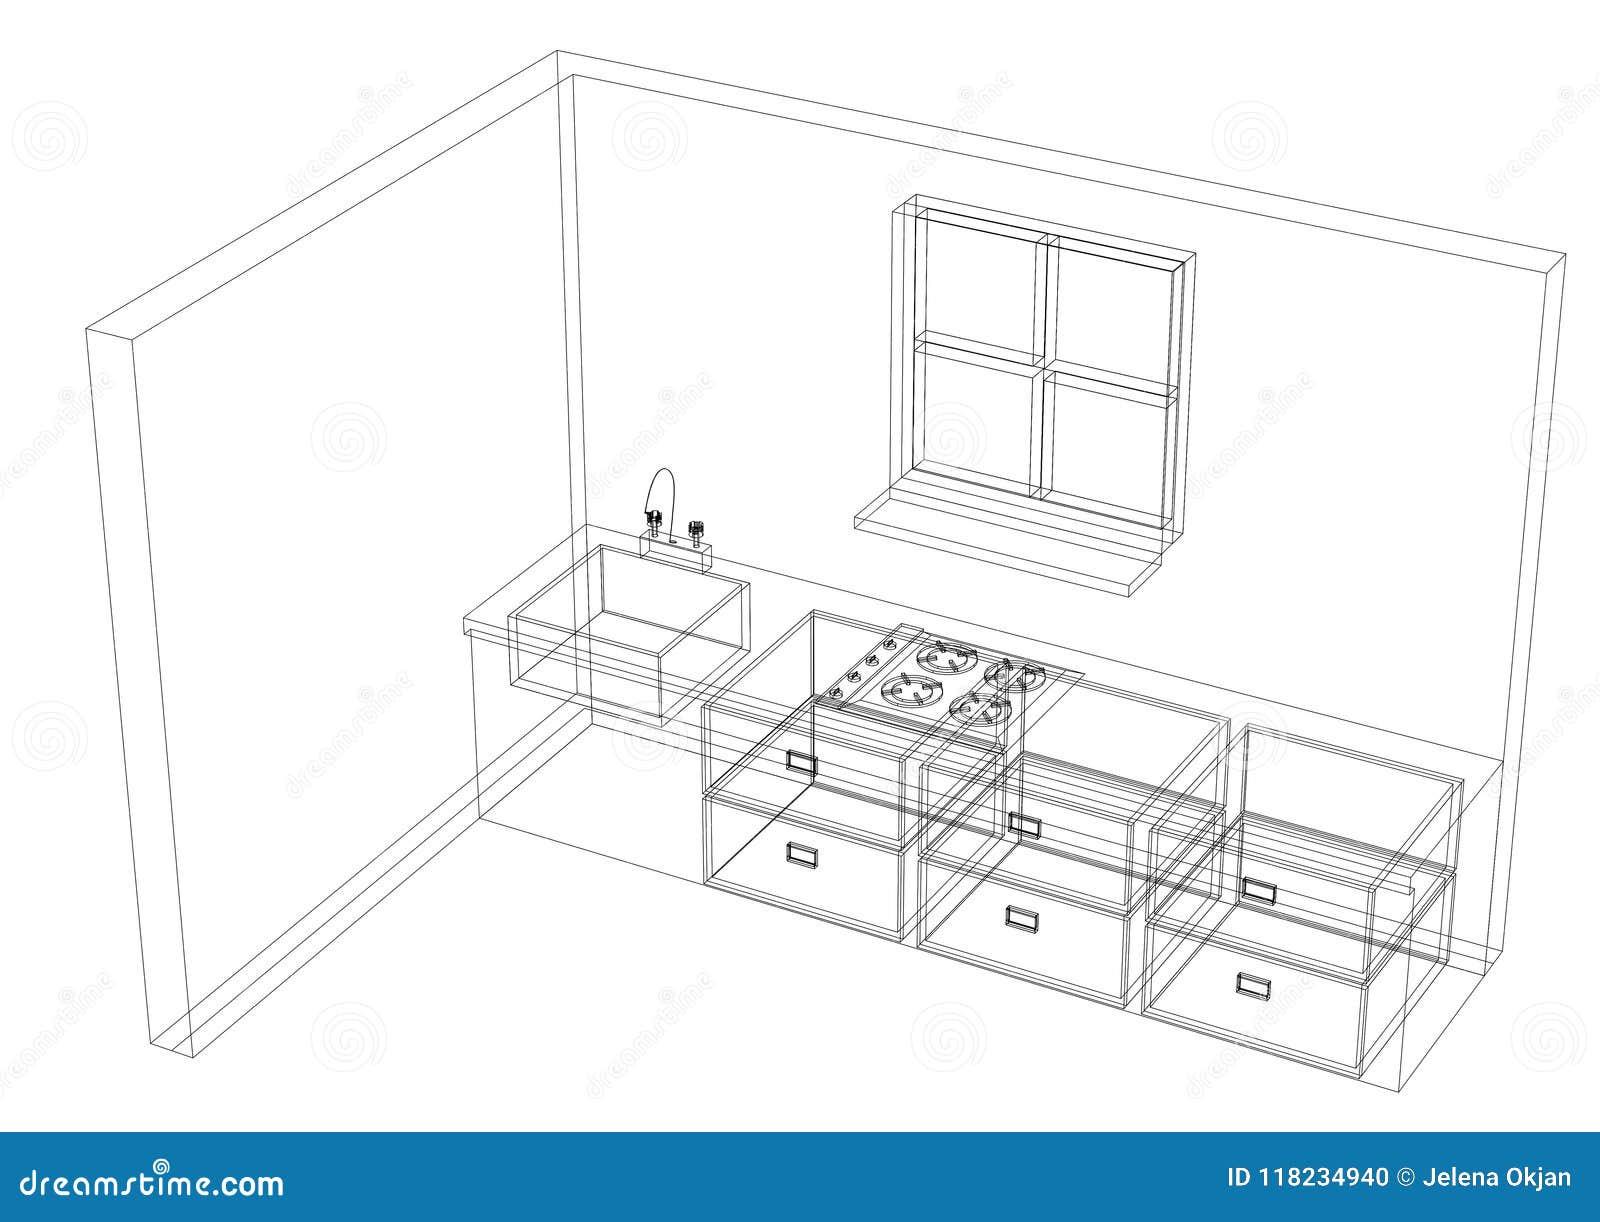 kitchen plan architect blueprint isolated stock illustration